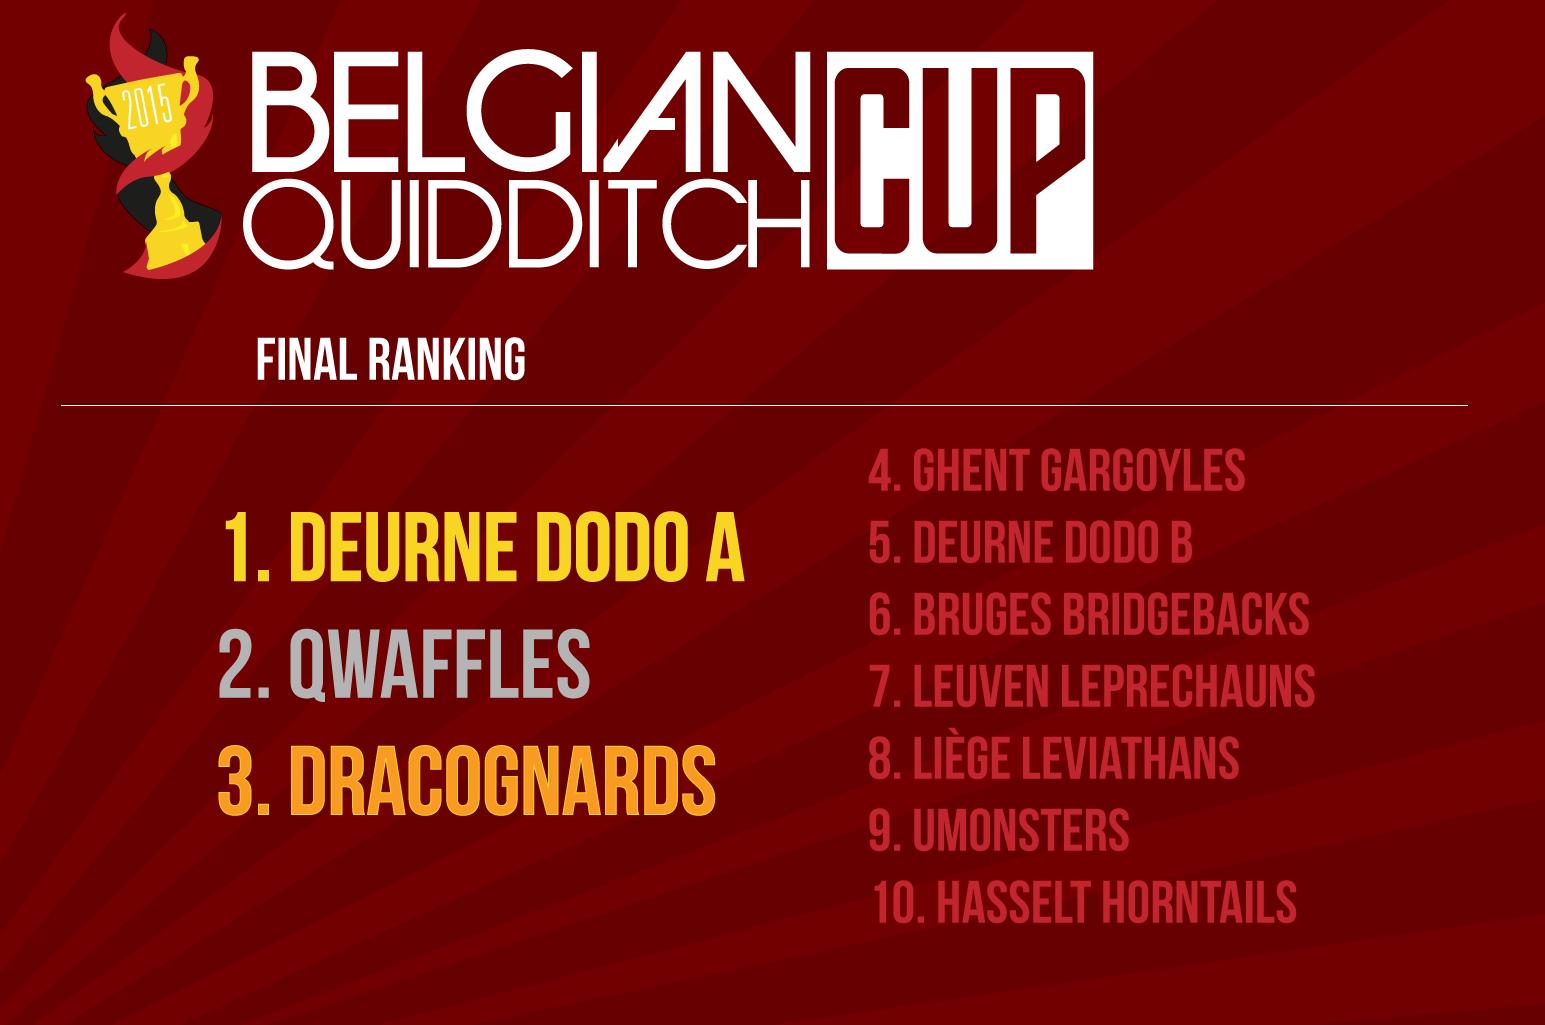 belgian cup.png